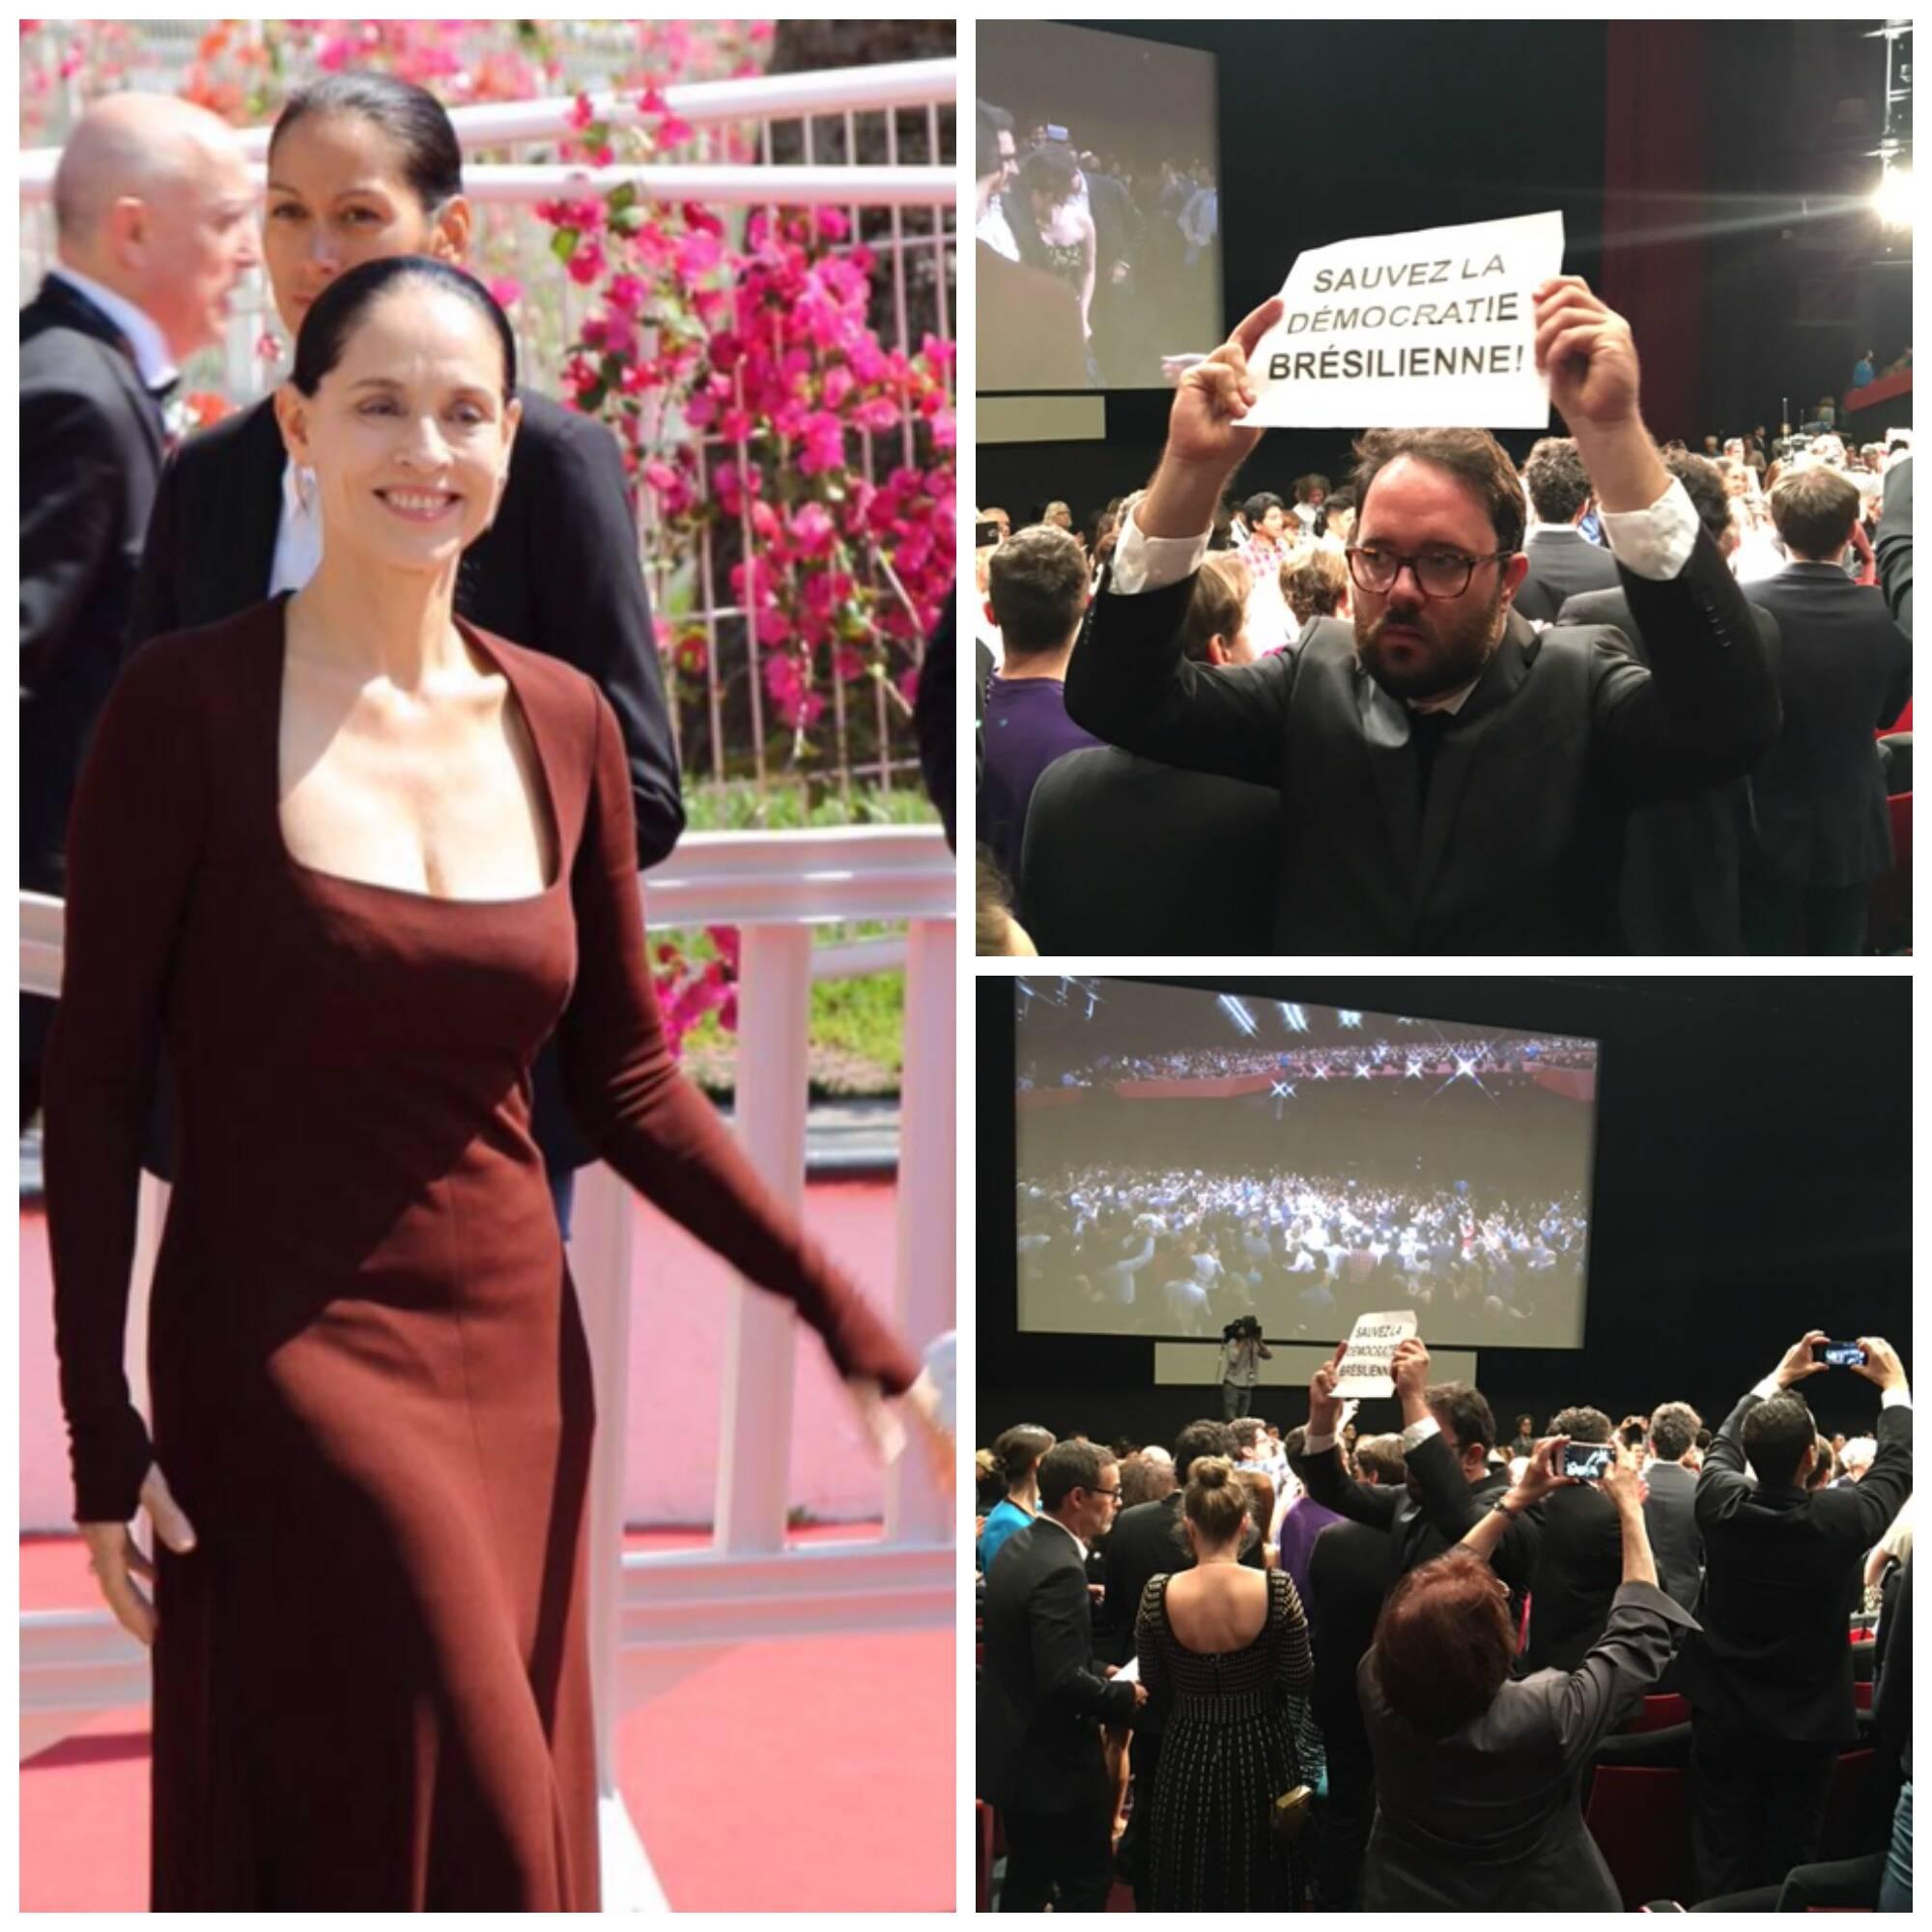 Sonia Braga no tapete vermelho, de Narciso Rodriguez, e os protestos contra o governo em exercício de Michel Temer / Fotos: divulgação